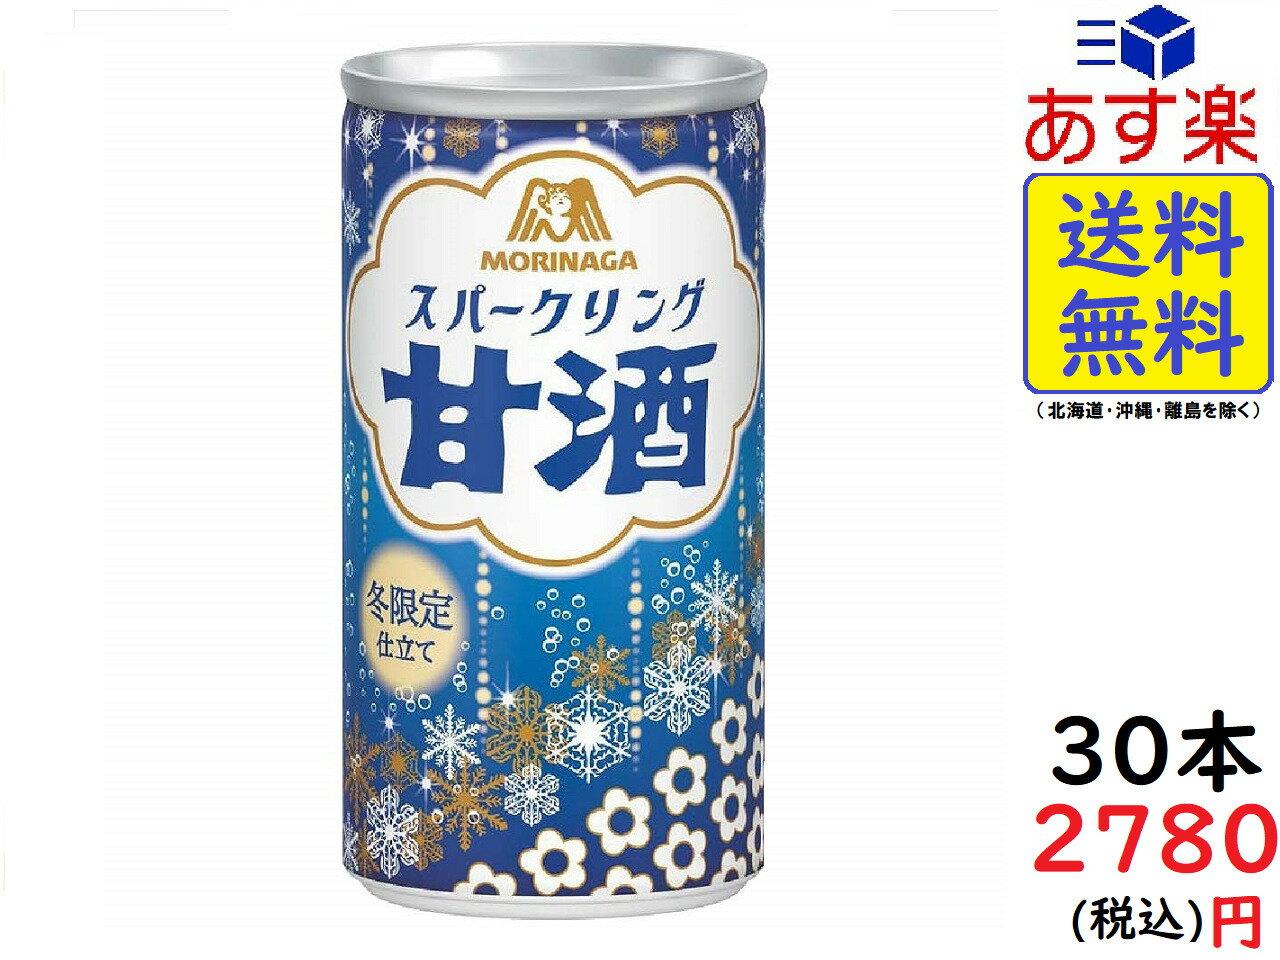 森永 スパークリング 甘酒 190ml×30本 賞味期限 2019/09